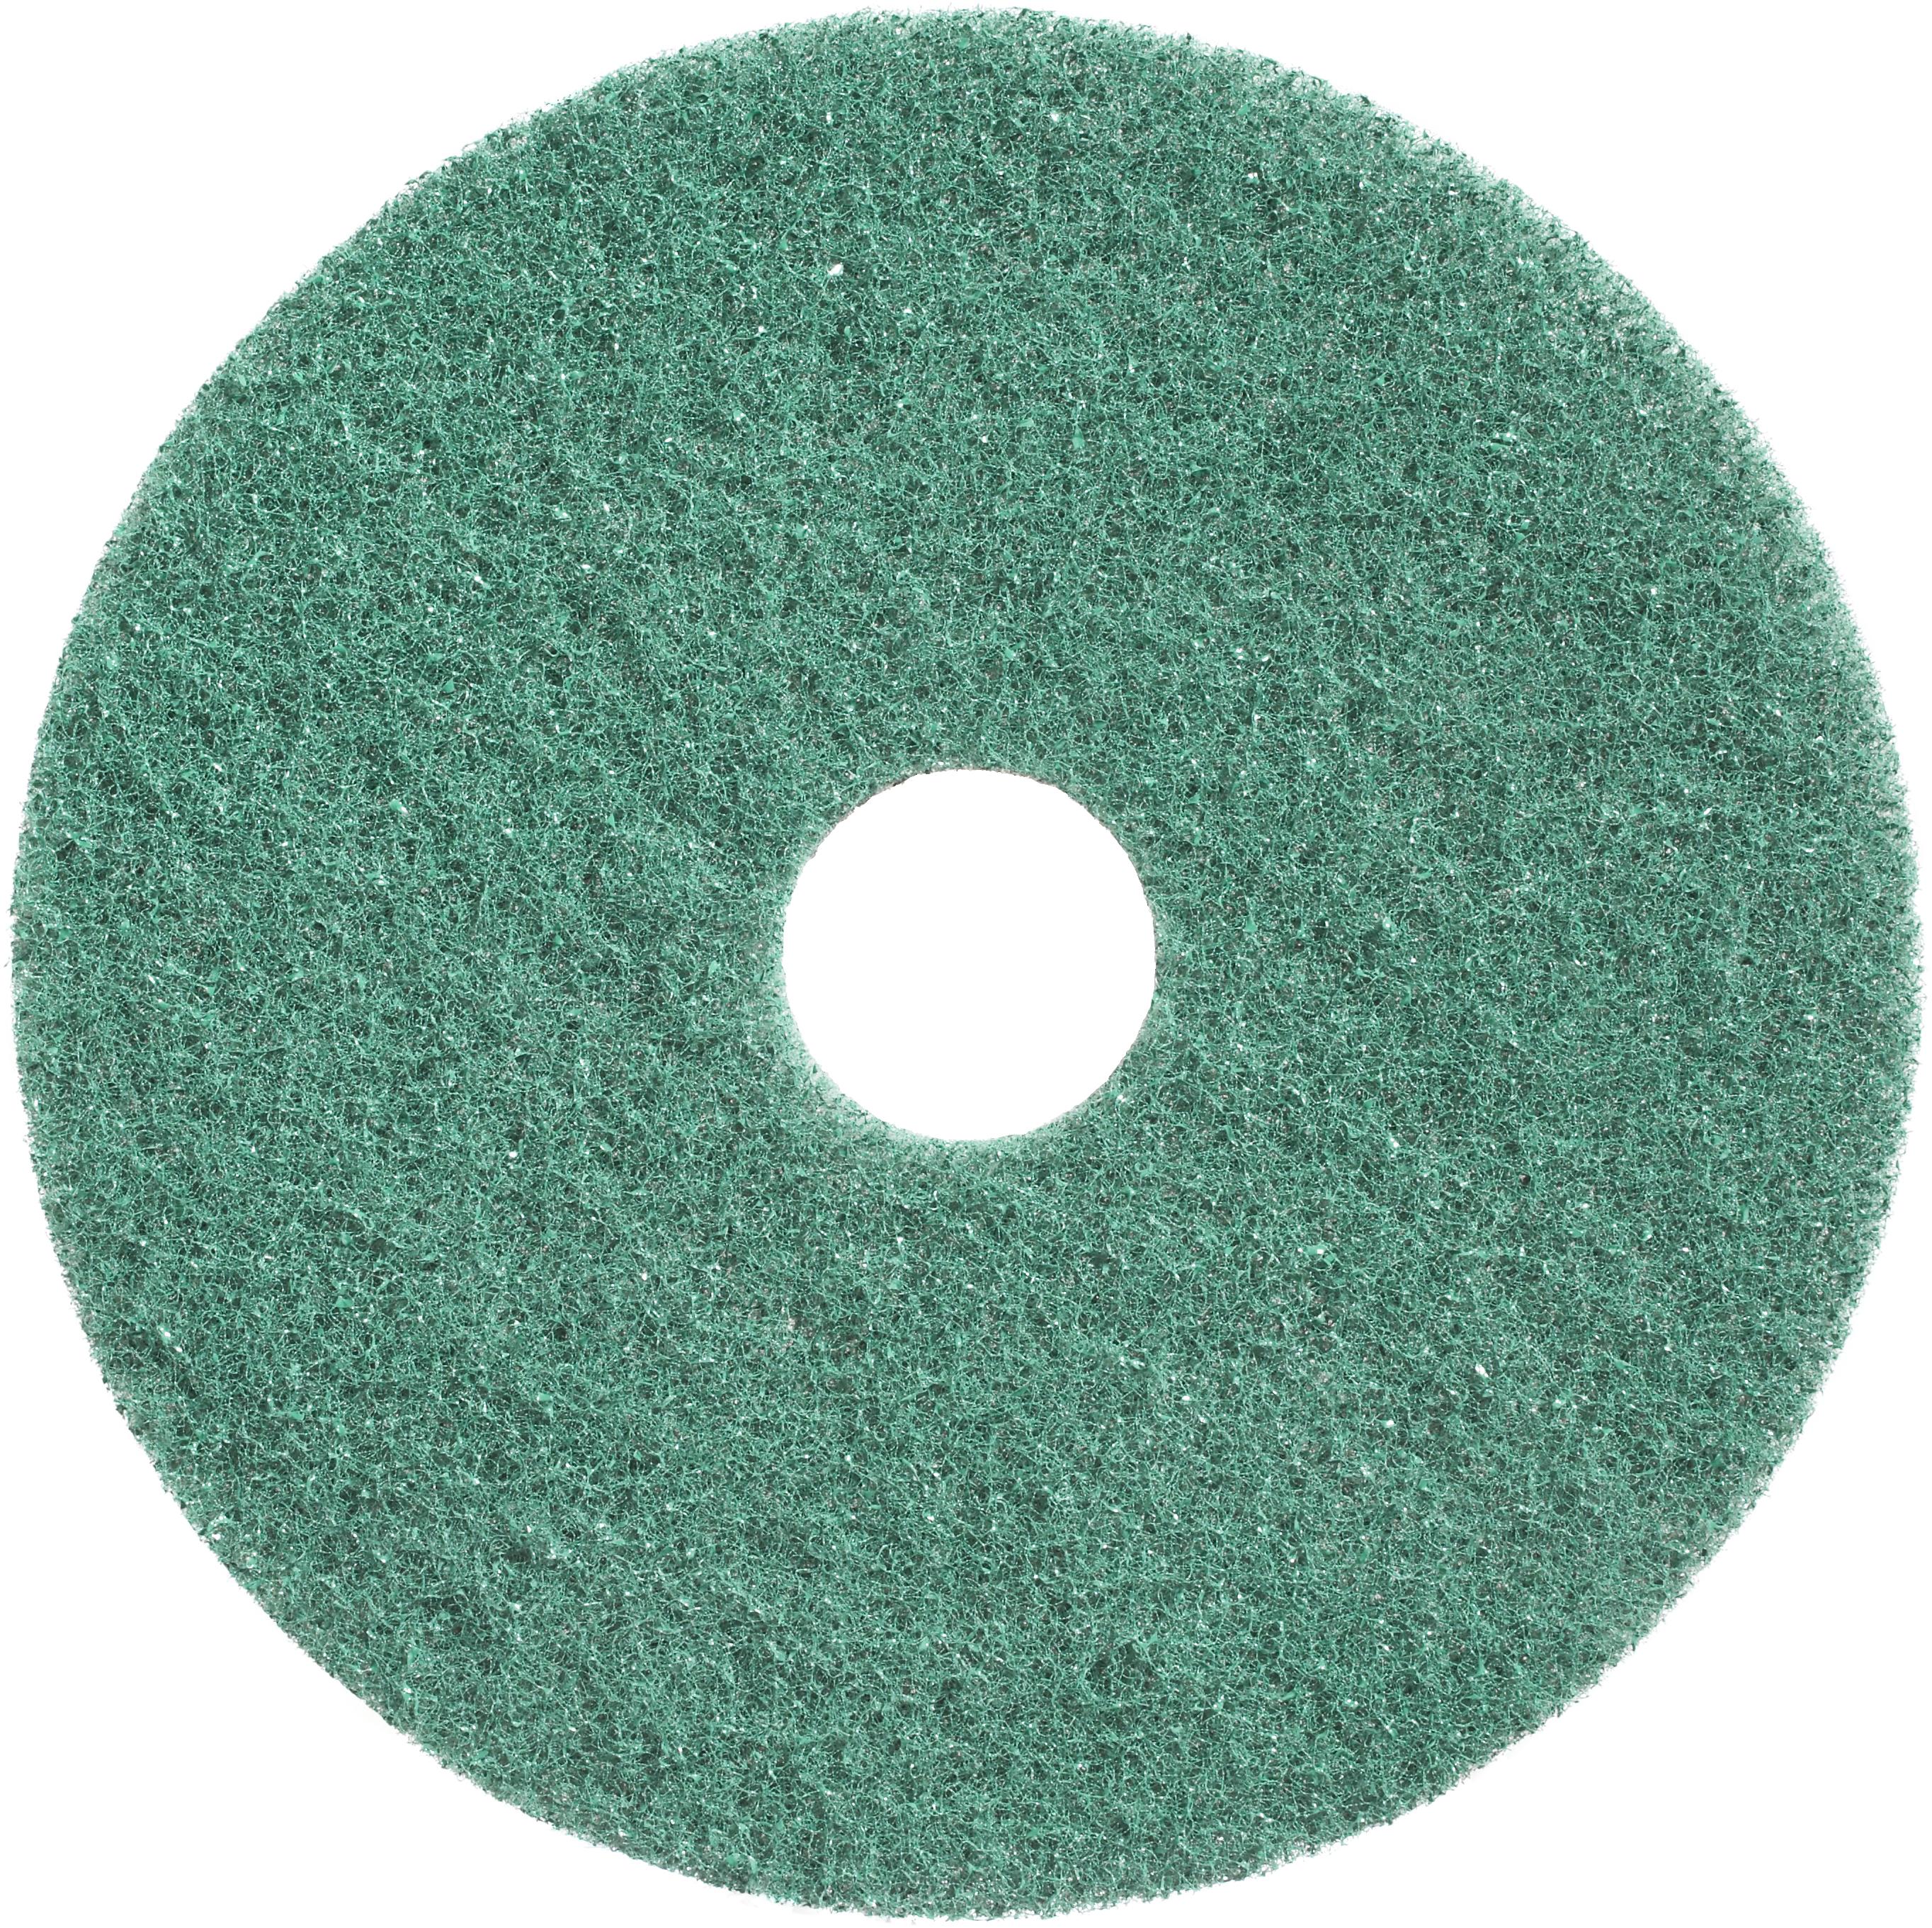 Green Twister Pad